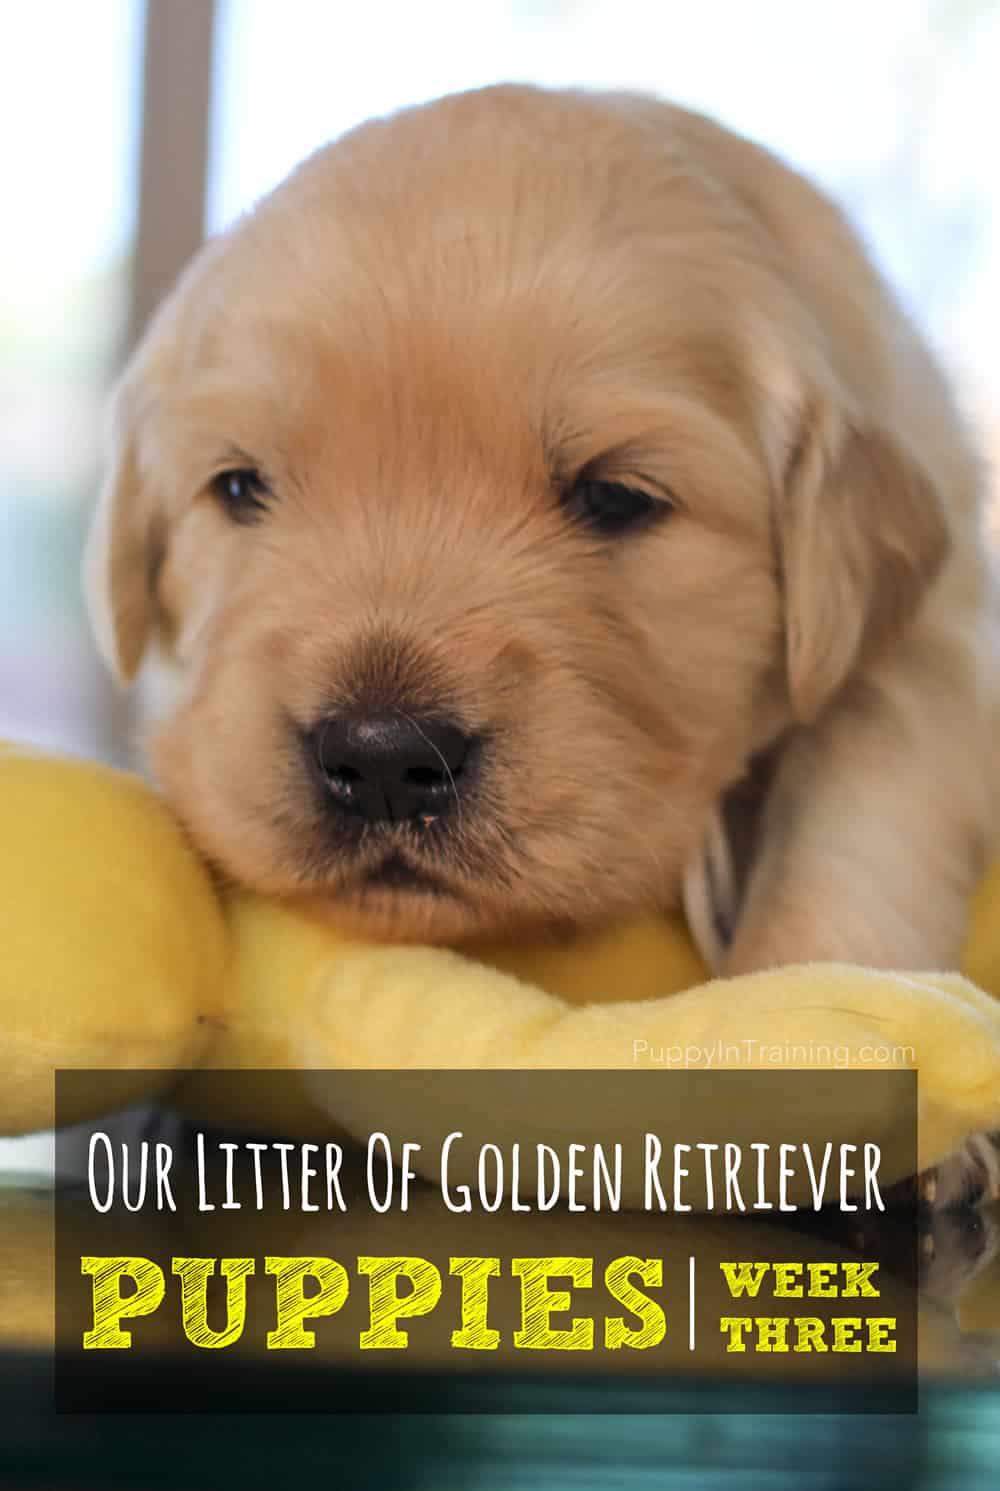 Our Golden Retriever Puppies - Week 3